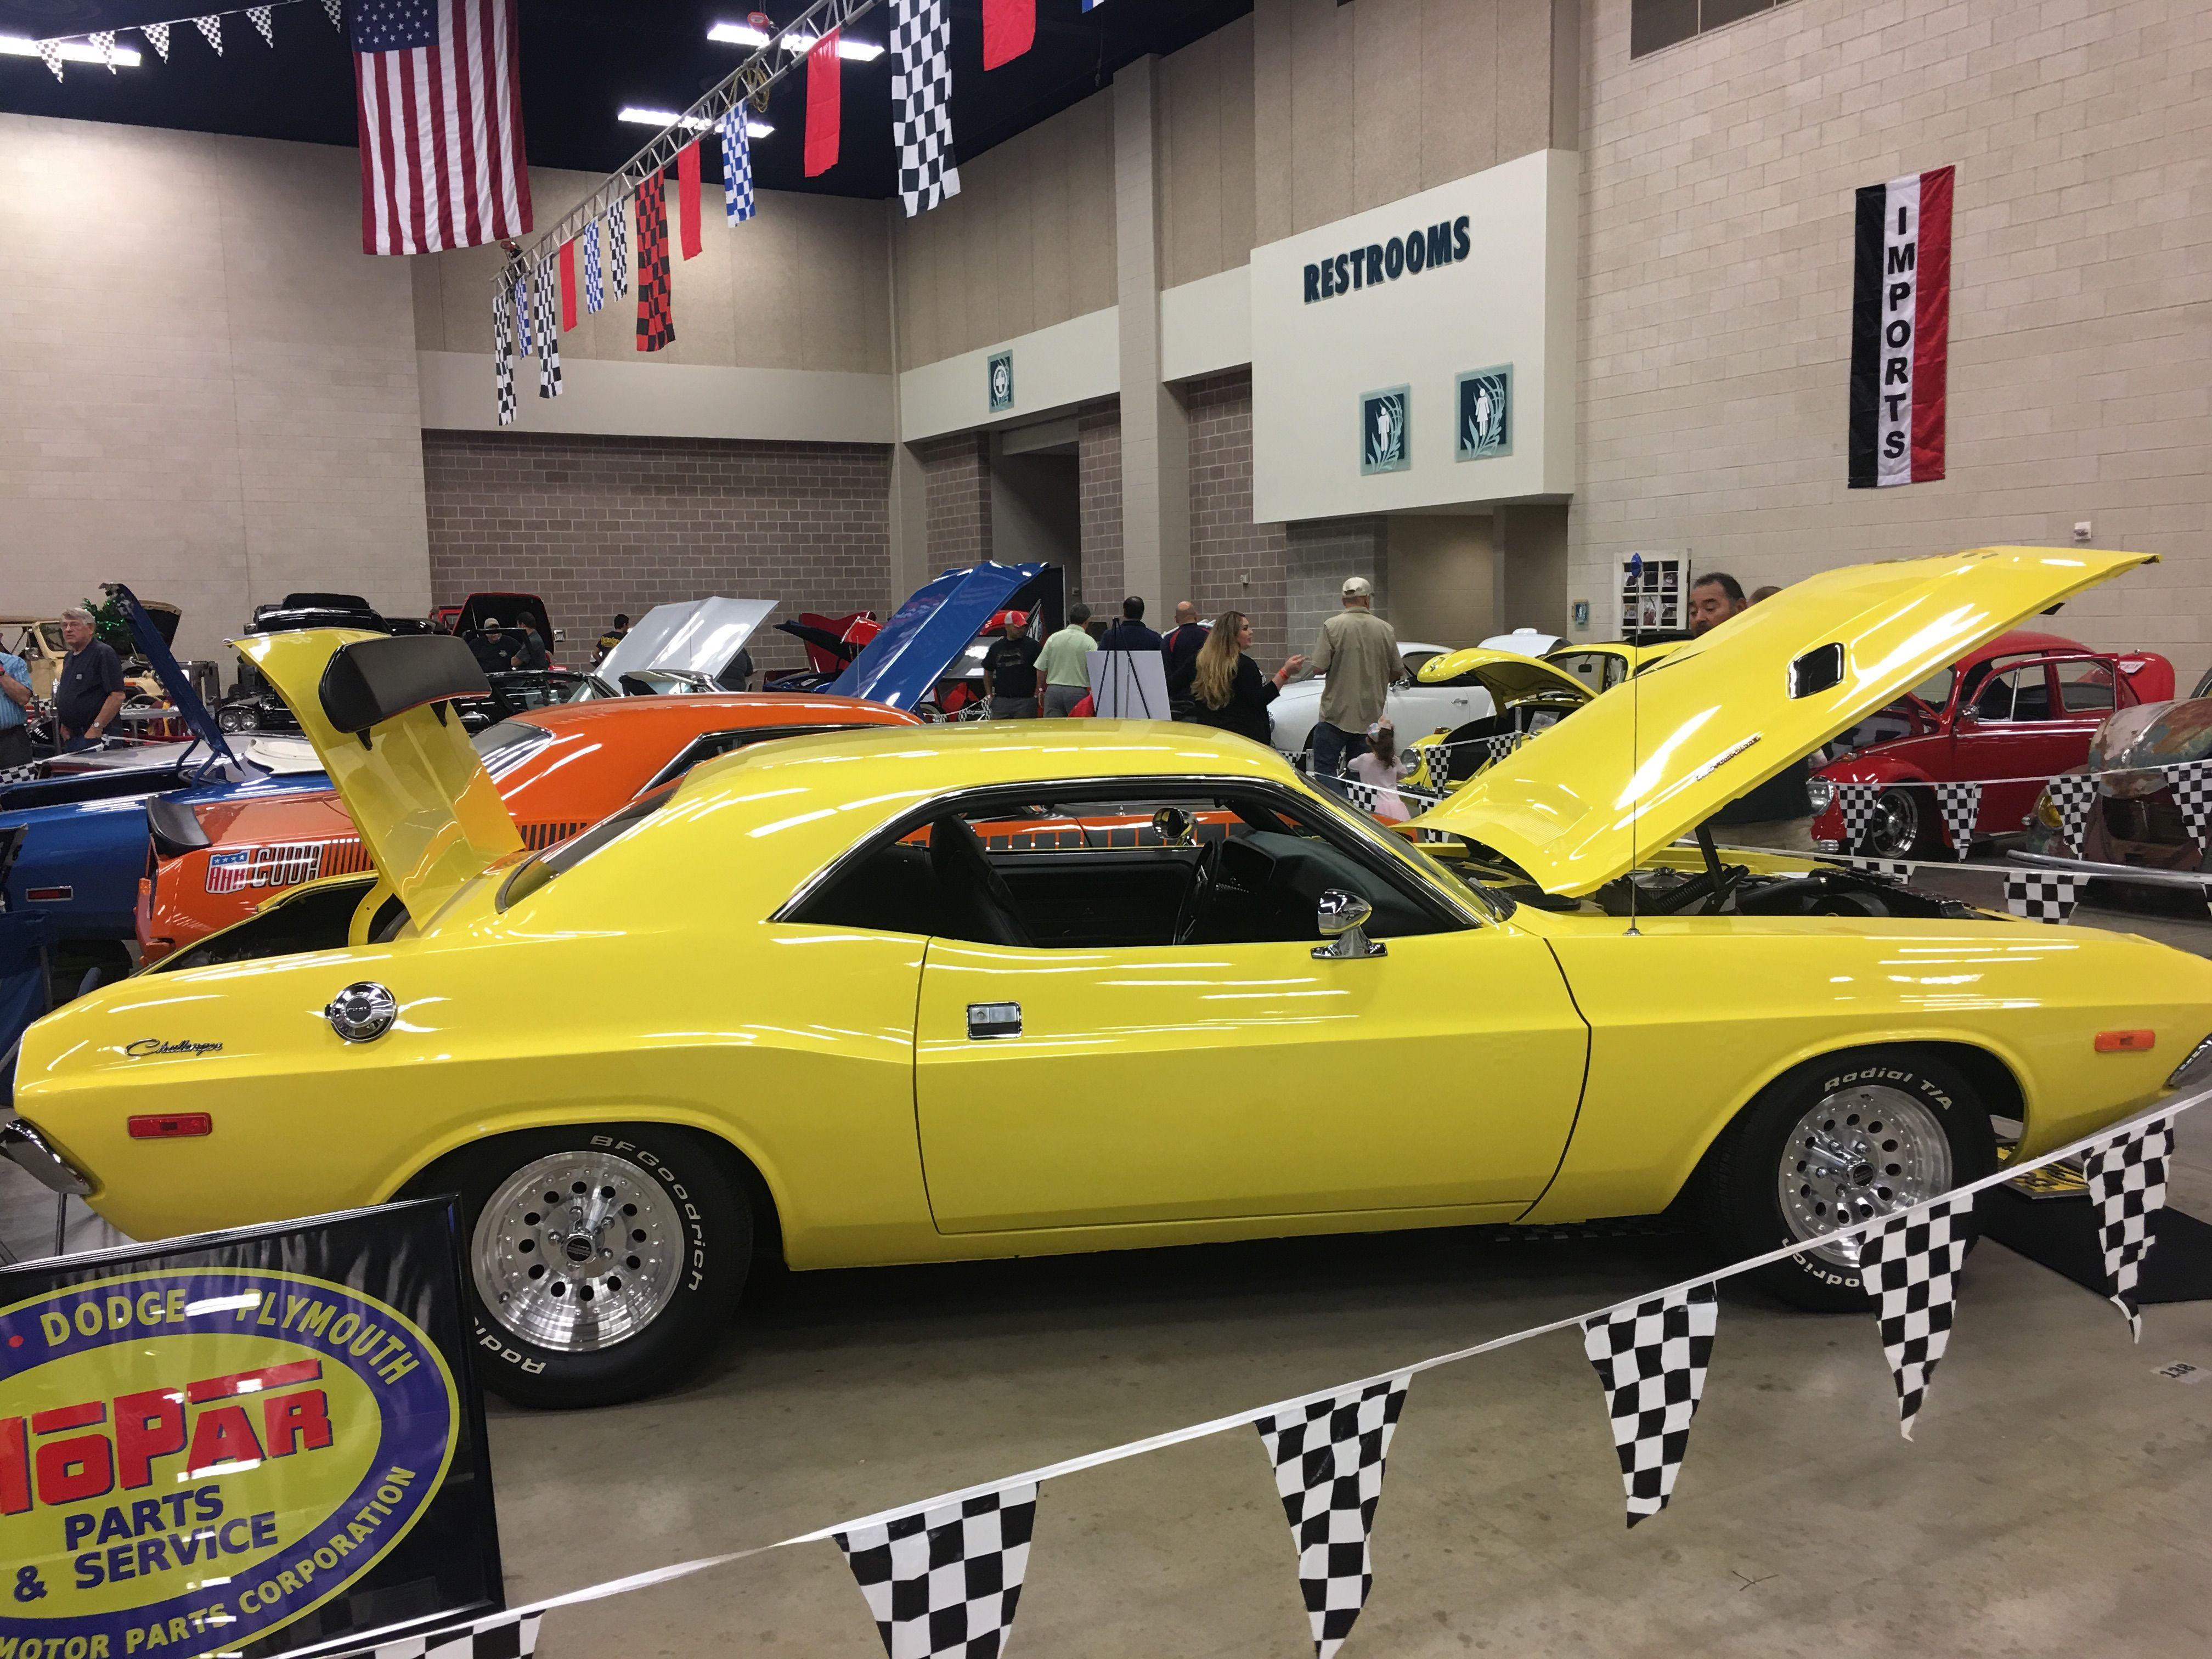 Classic Muscle Car McAllen International Car Show Pinterest - Mcallen car show